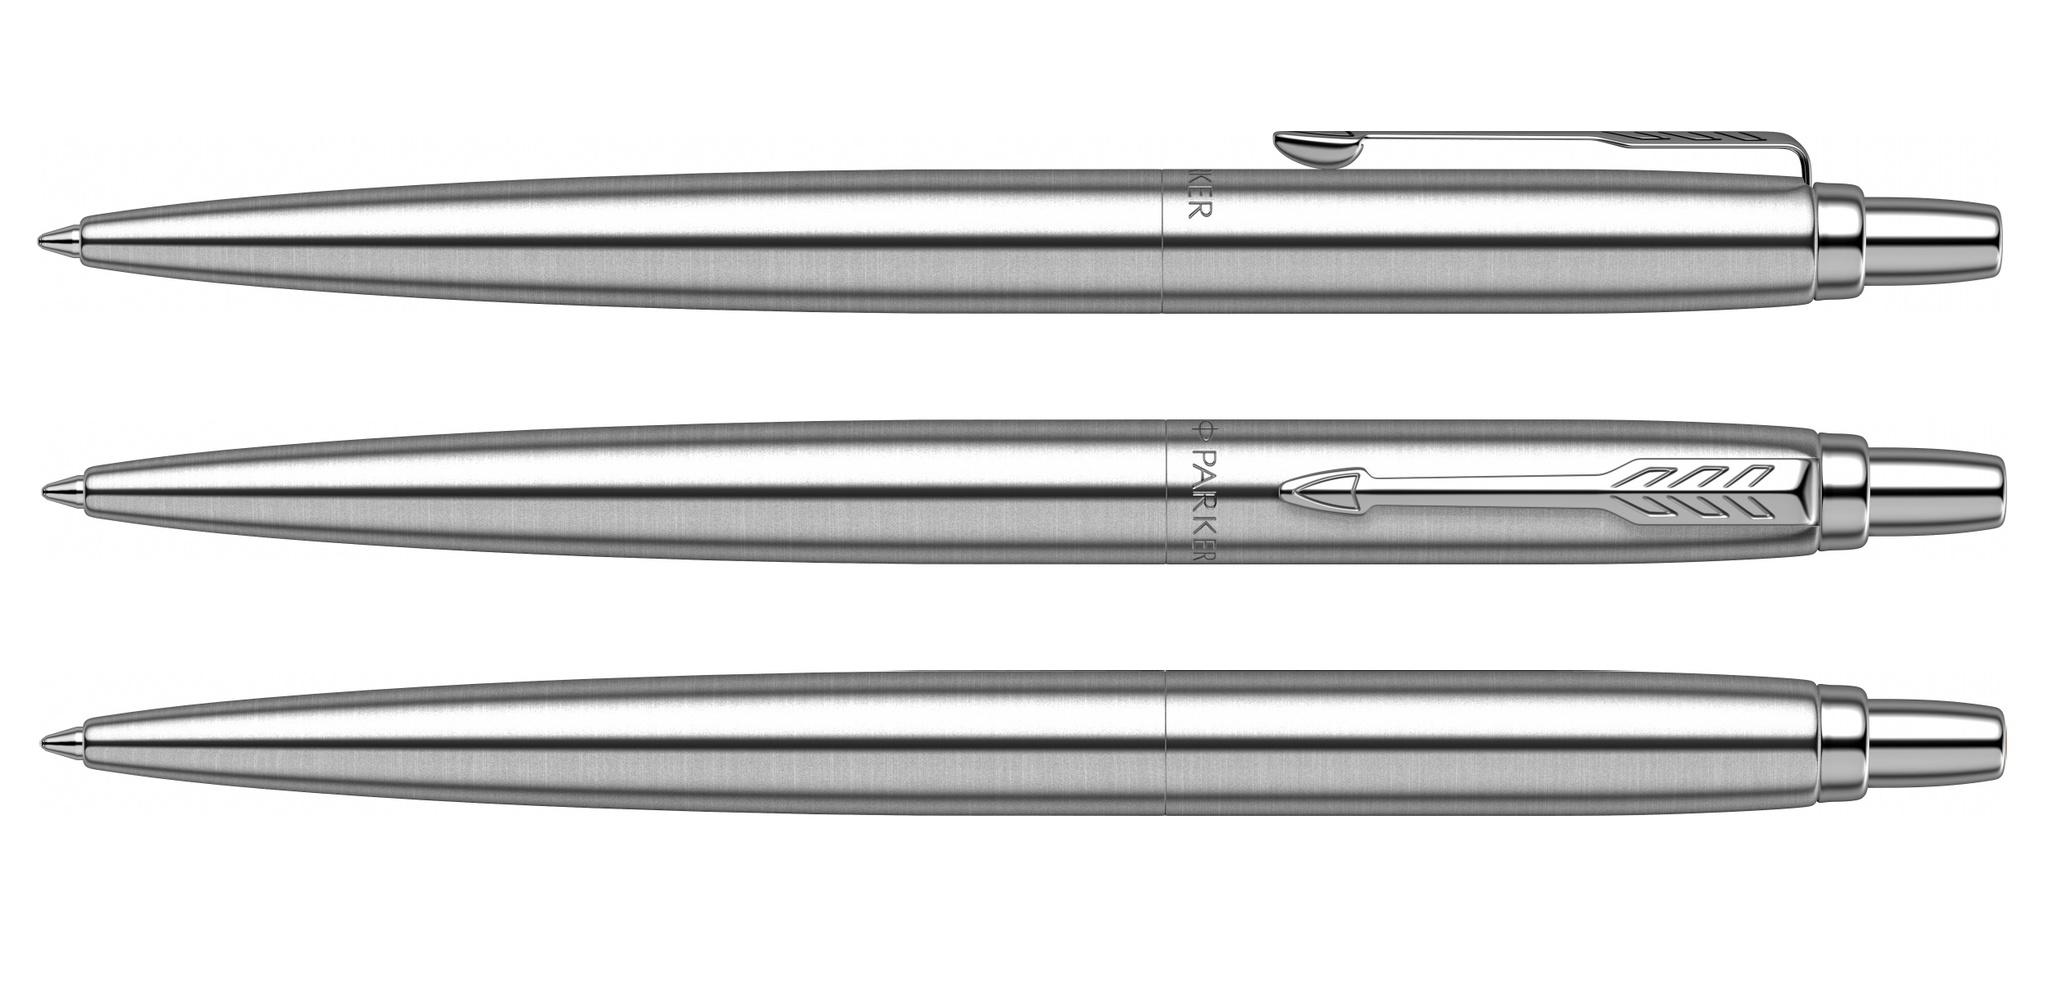 SE20 (2122756)  Ручка Parker Jotter Monochrome XL серый M синие чернила подар. упаковка